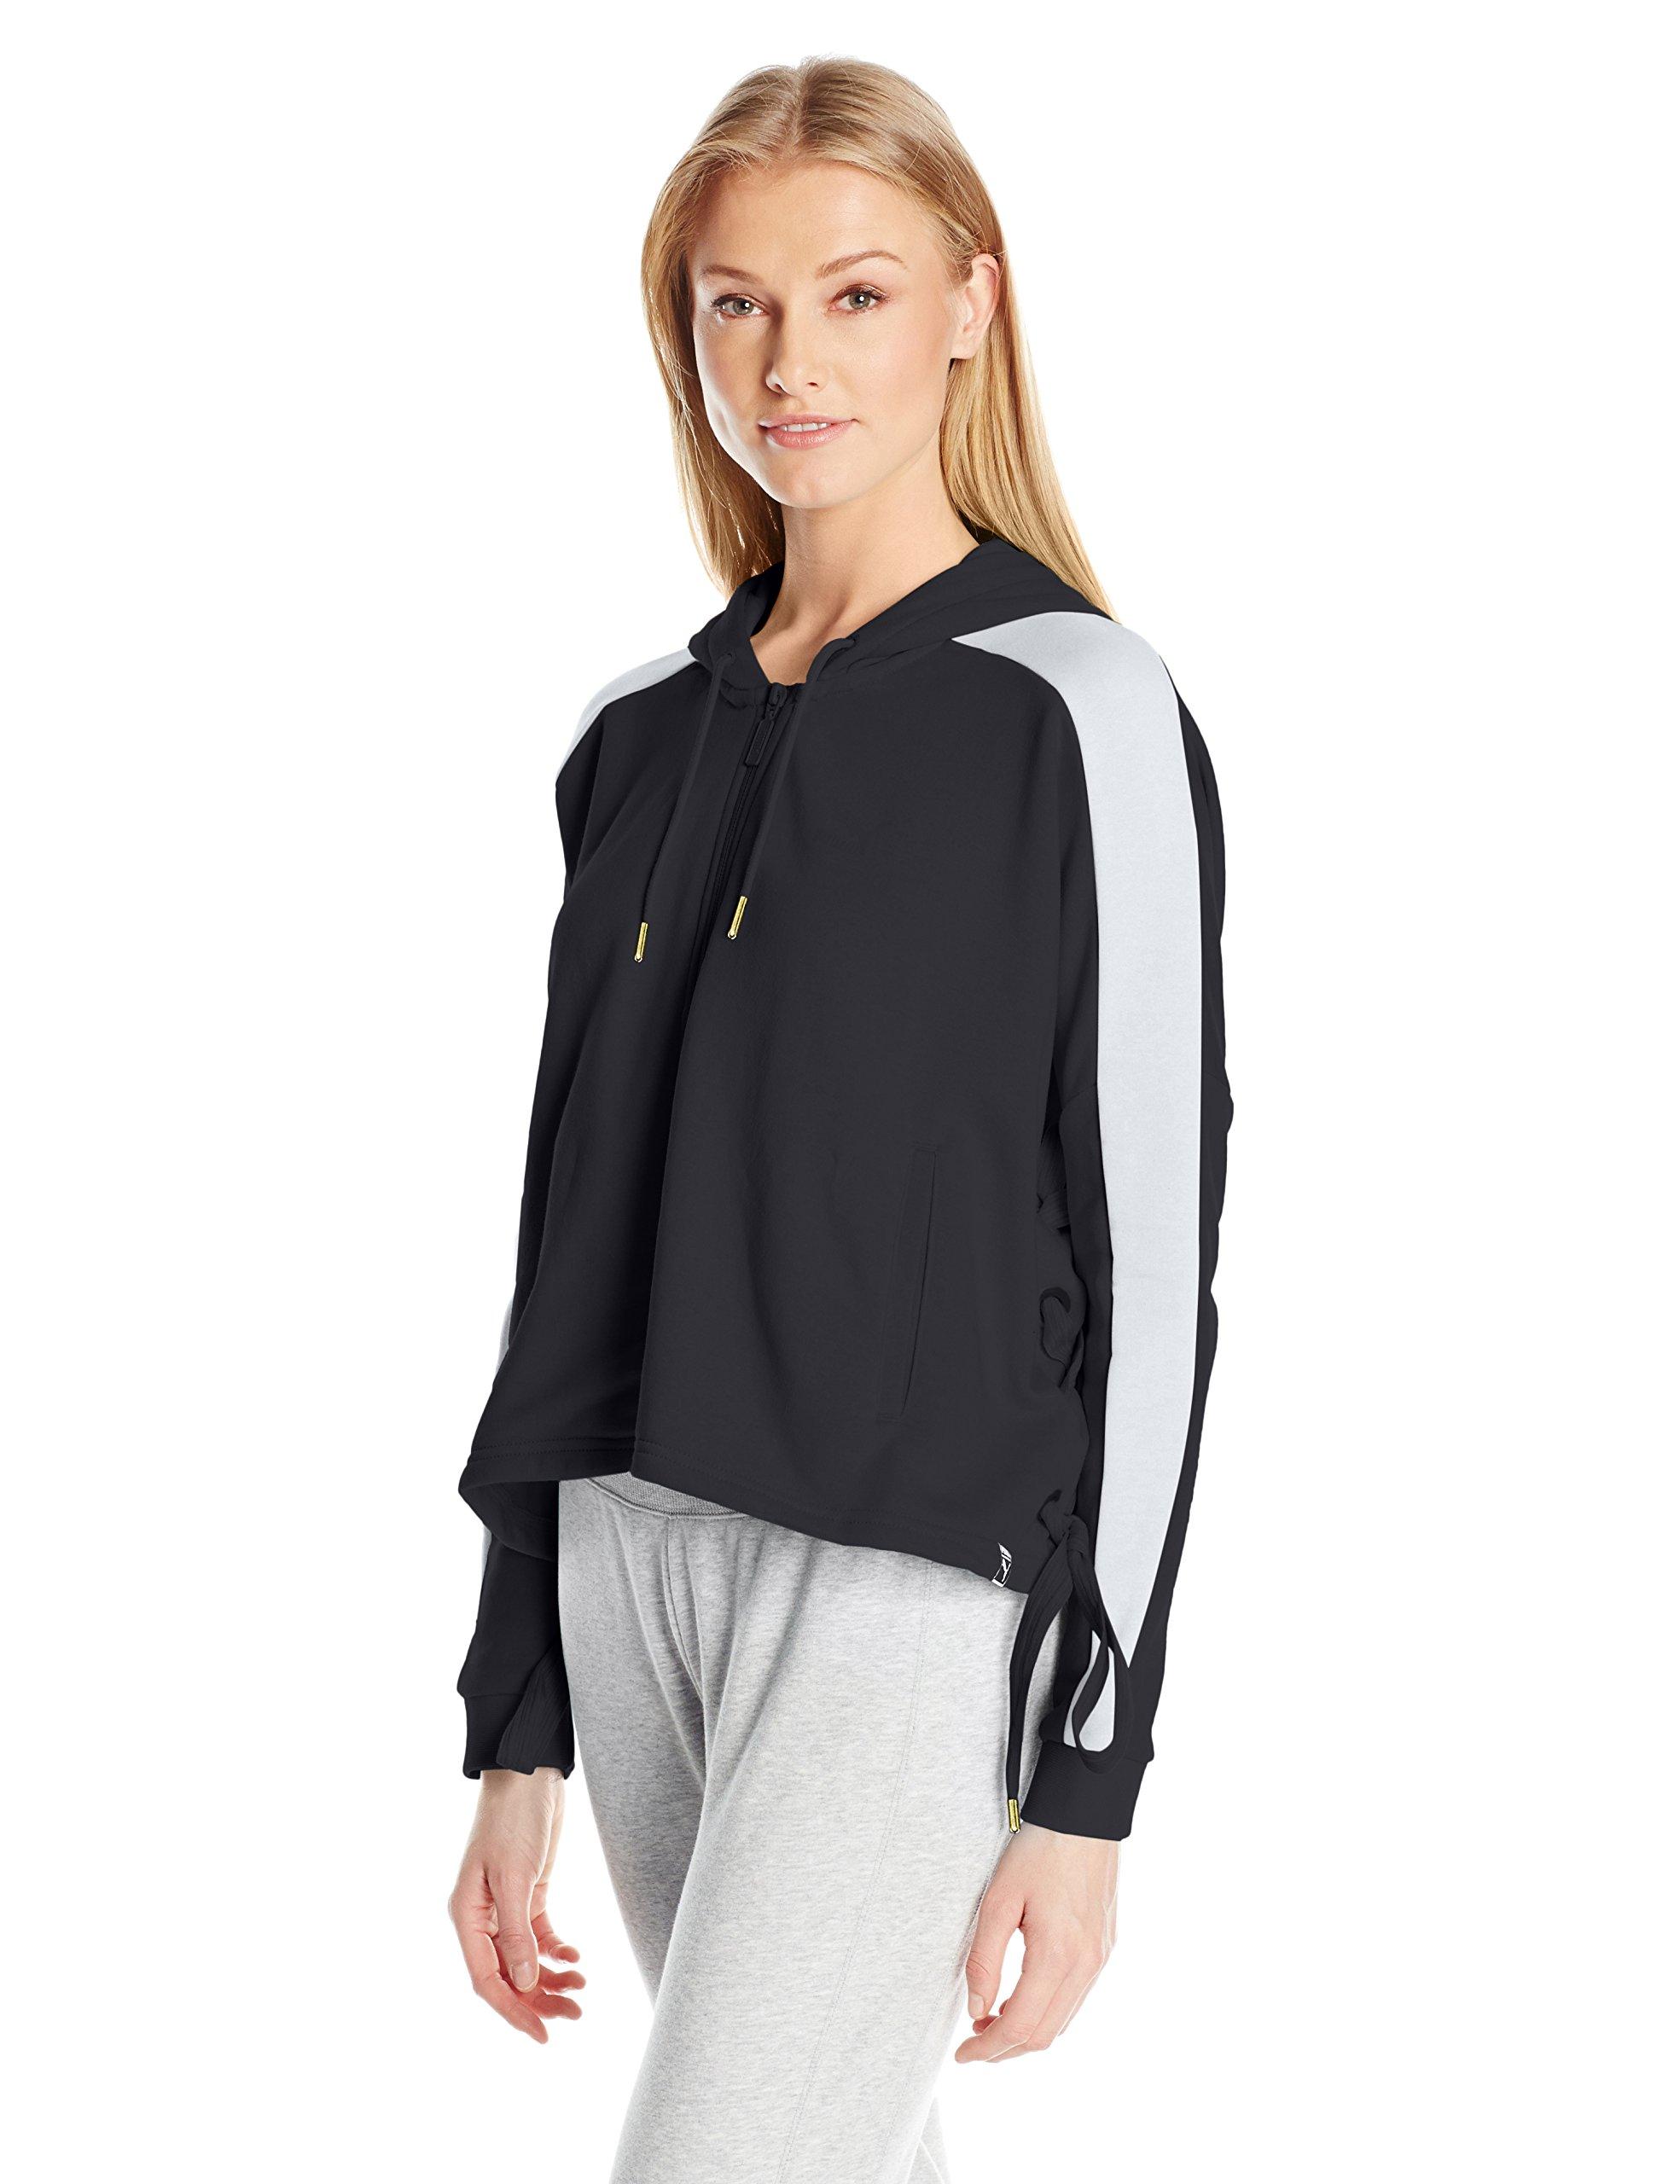 PUMA Women's Heart T7 Track Jacket, Black, M